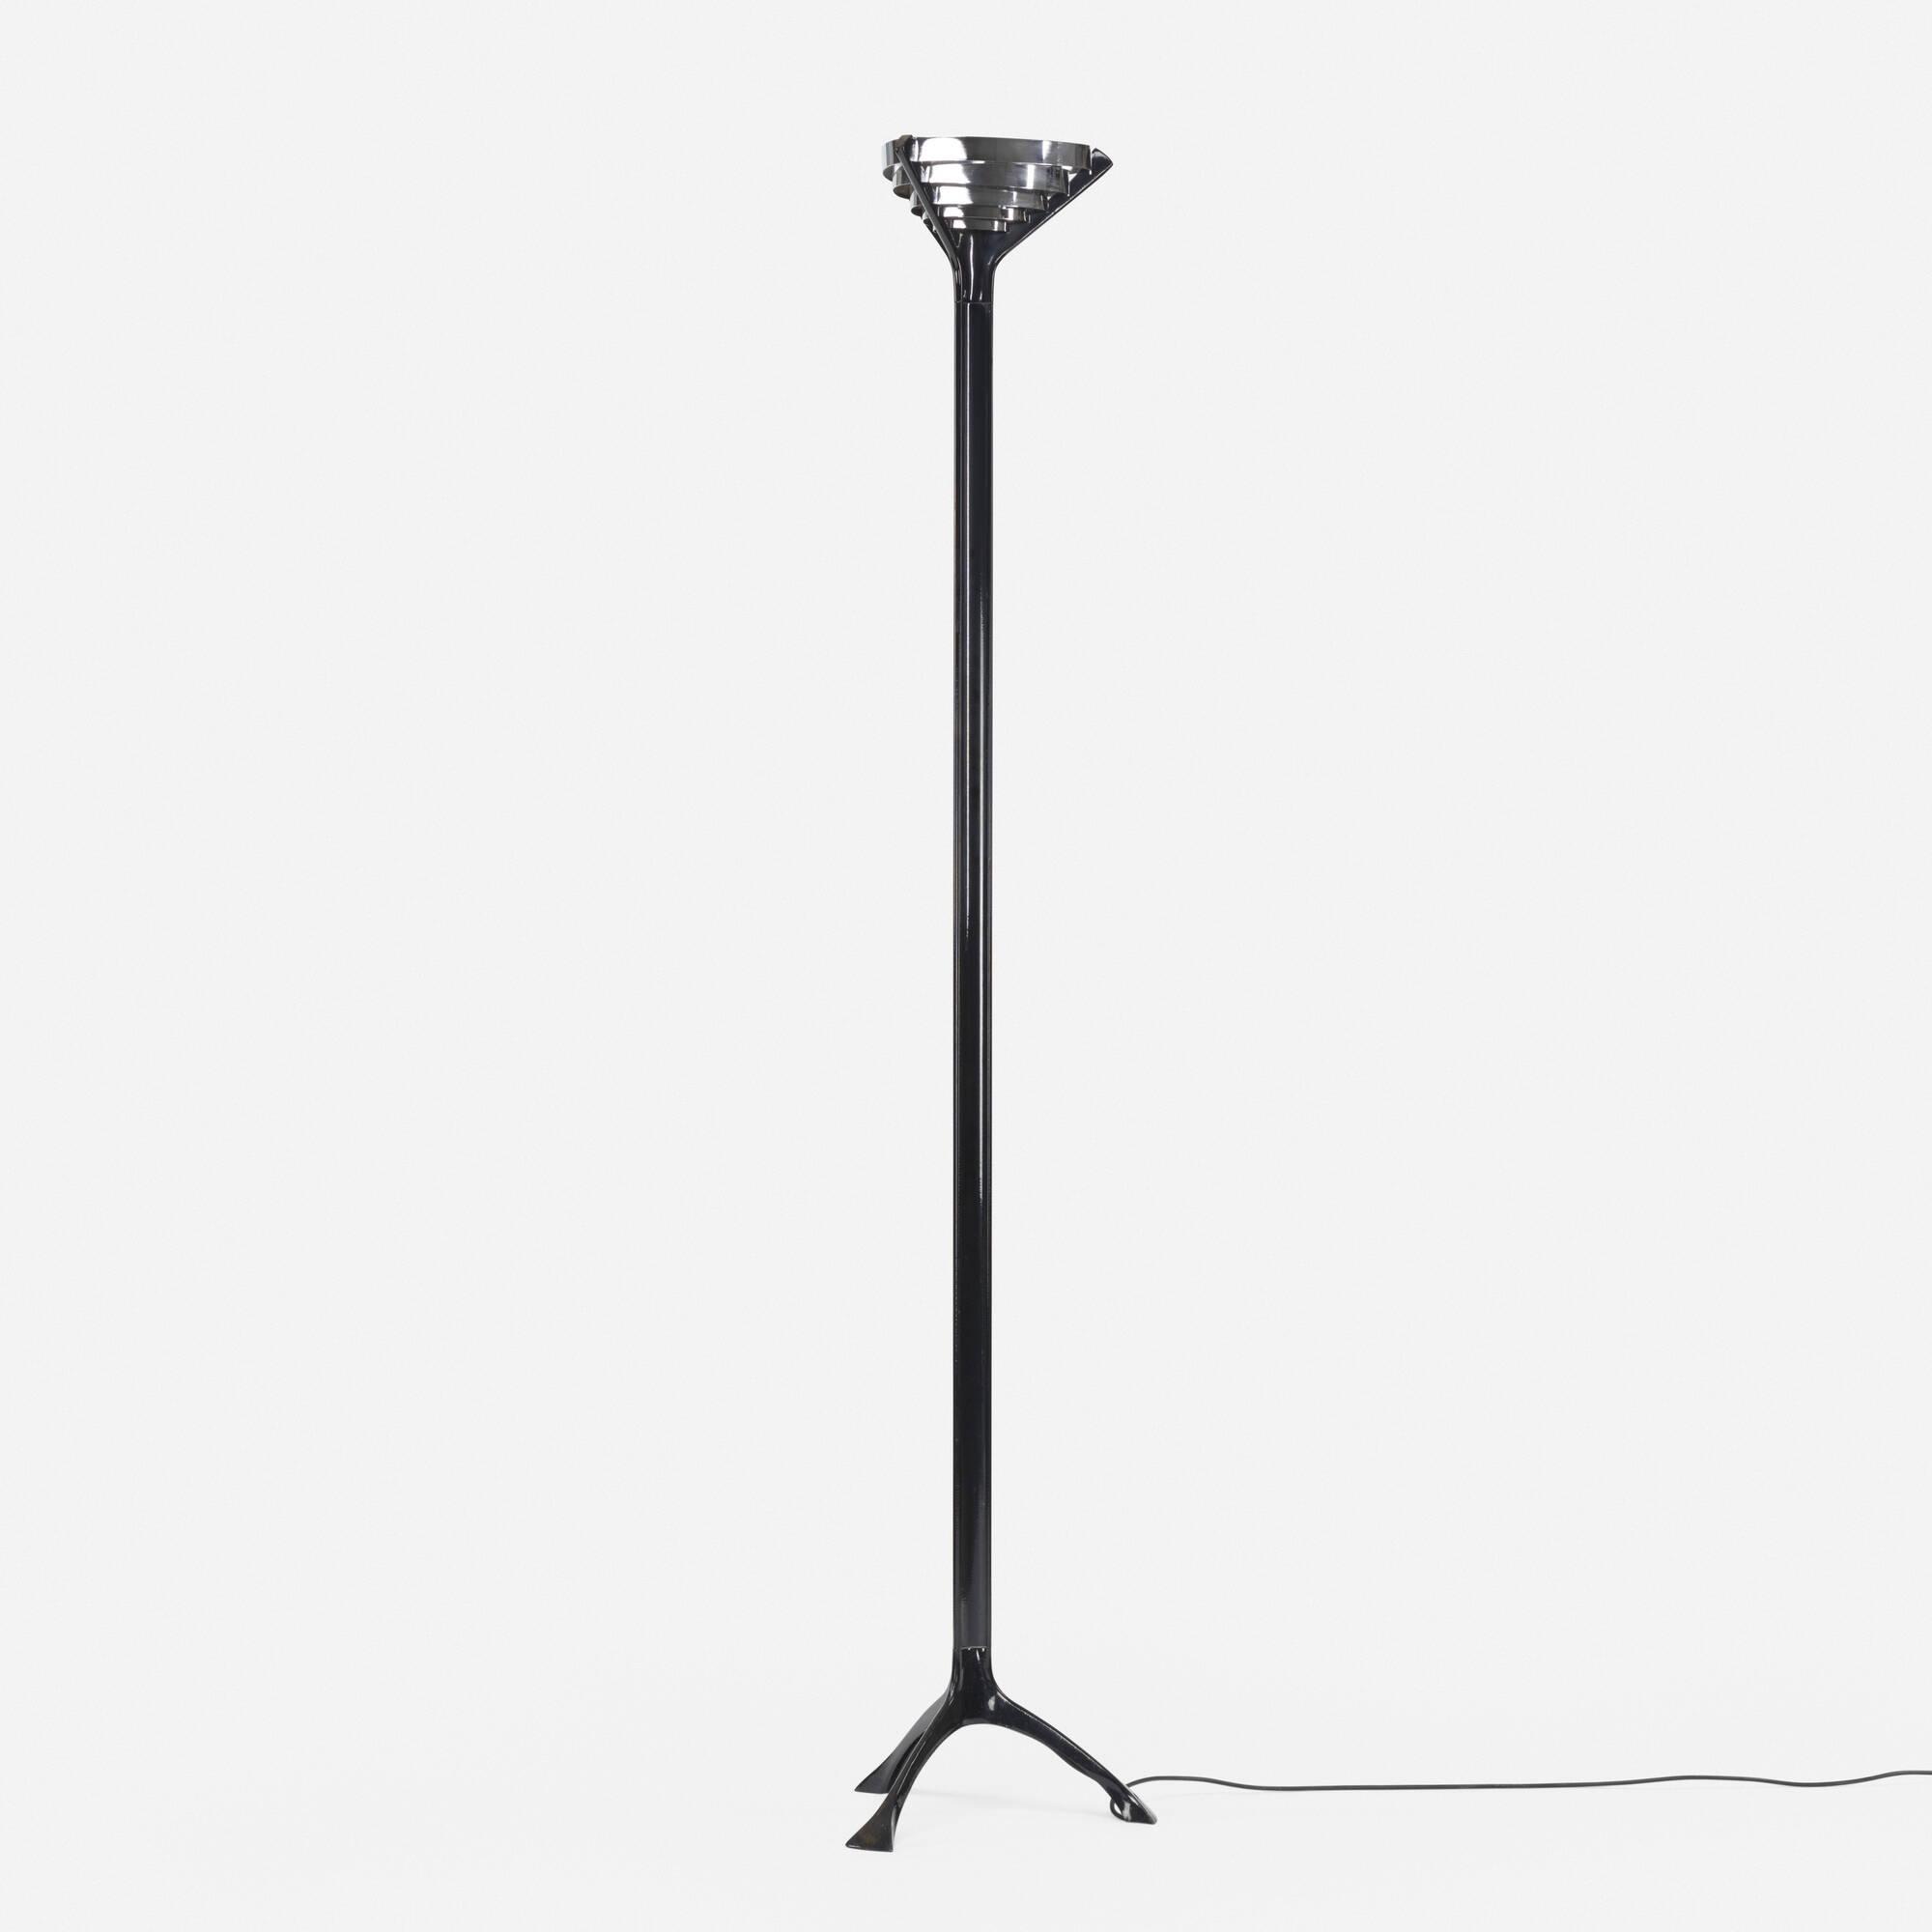 190: Angelo Mangiarotti / Tekne floor lamp (1 of 1)